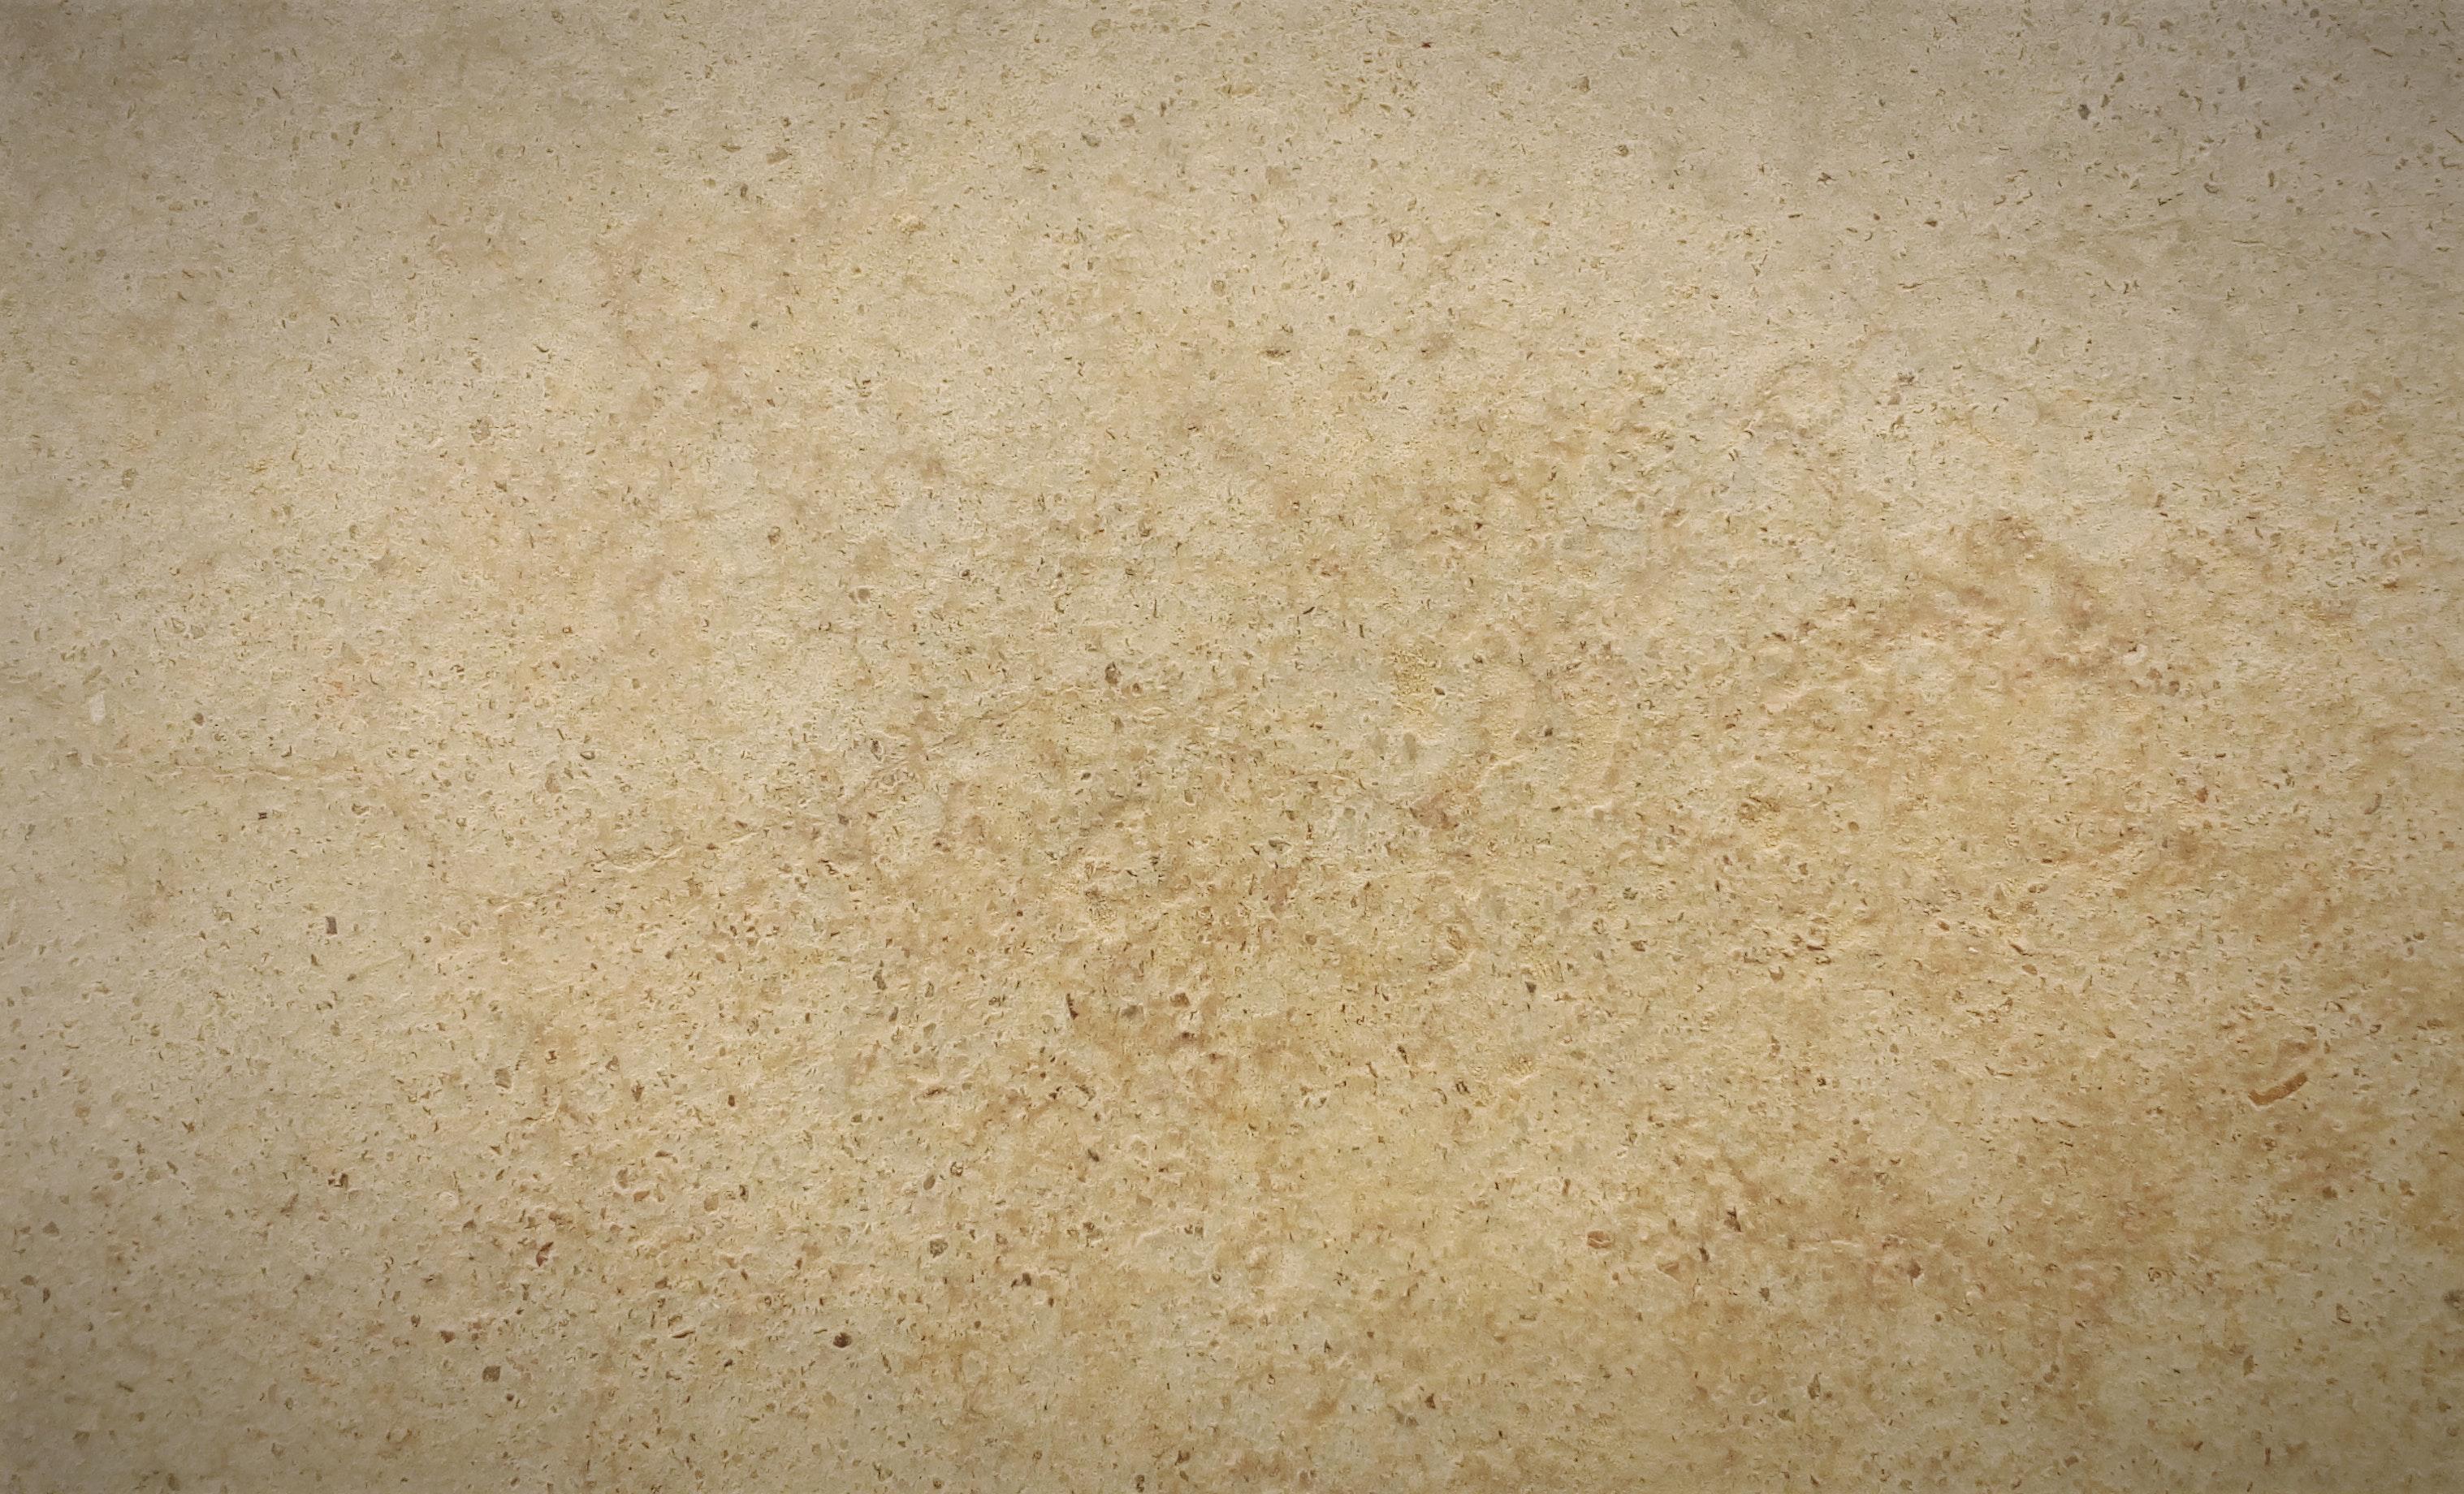 Free stock photo of concrete floor, floor, texture